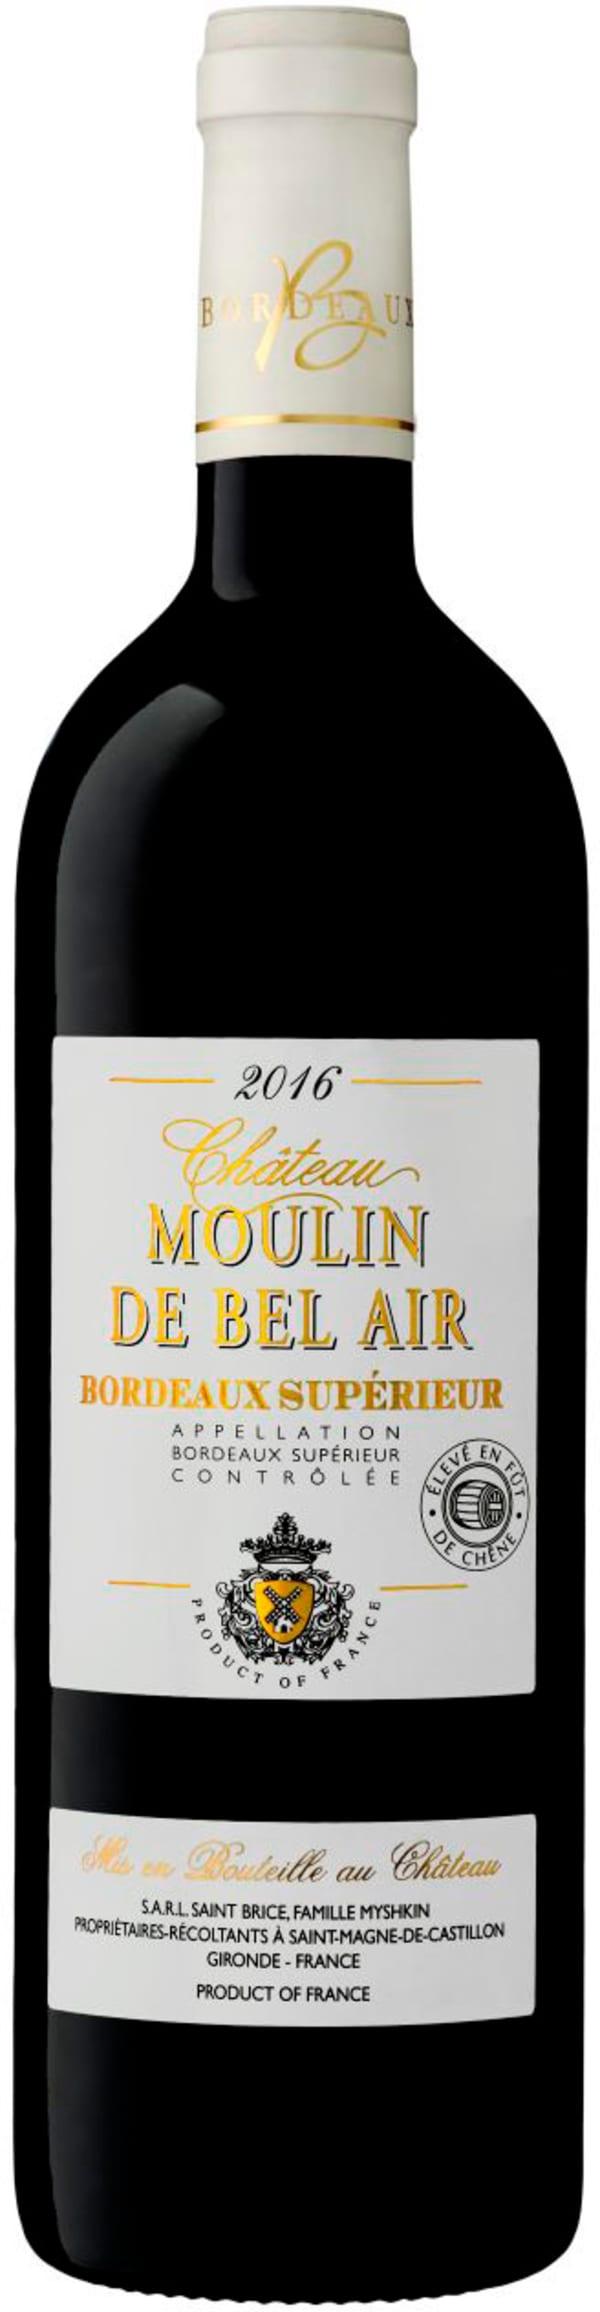 Château Moulin de Bel Air 2016